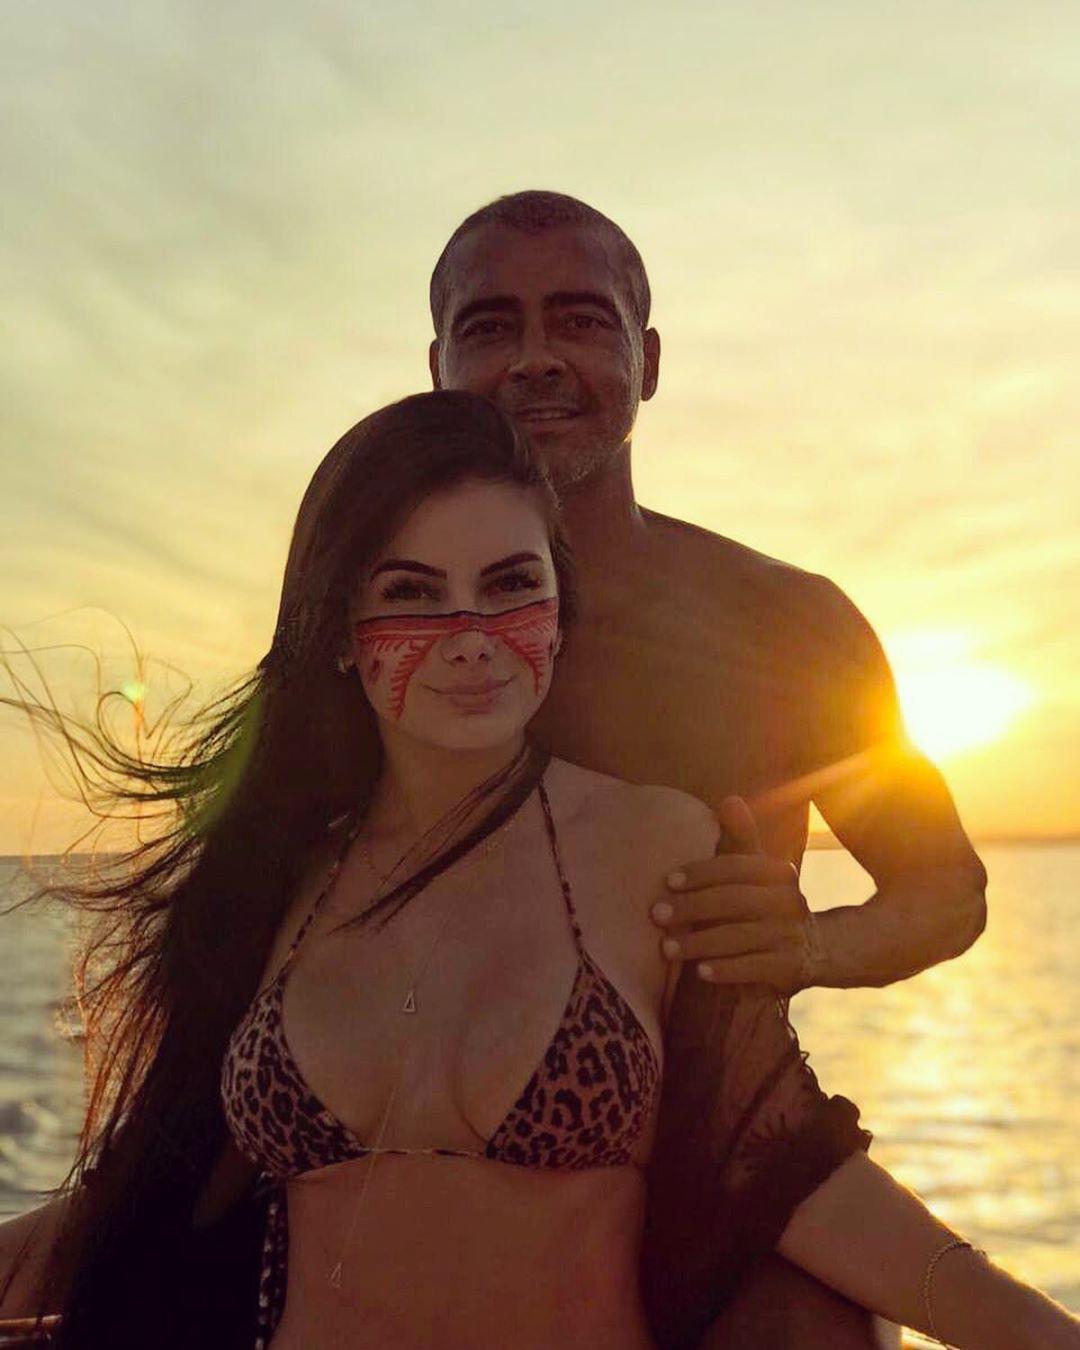 Huyền thoại bóng đá Brazil quá nửa đời người vẫn tán đổ mỹ nữ thân hình bốc lửa đáng tuổi con mình - Ảnh 1.